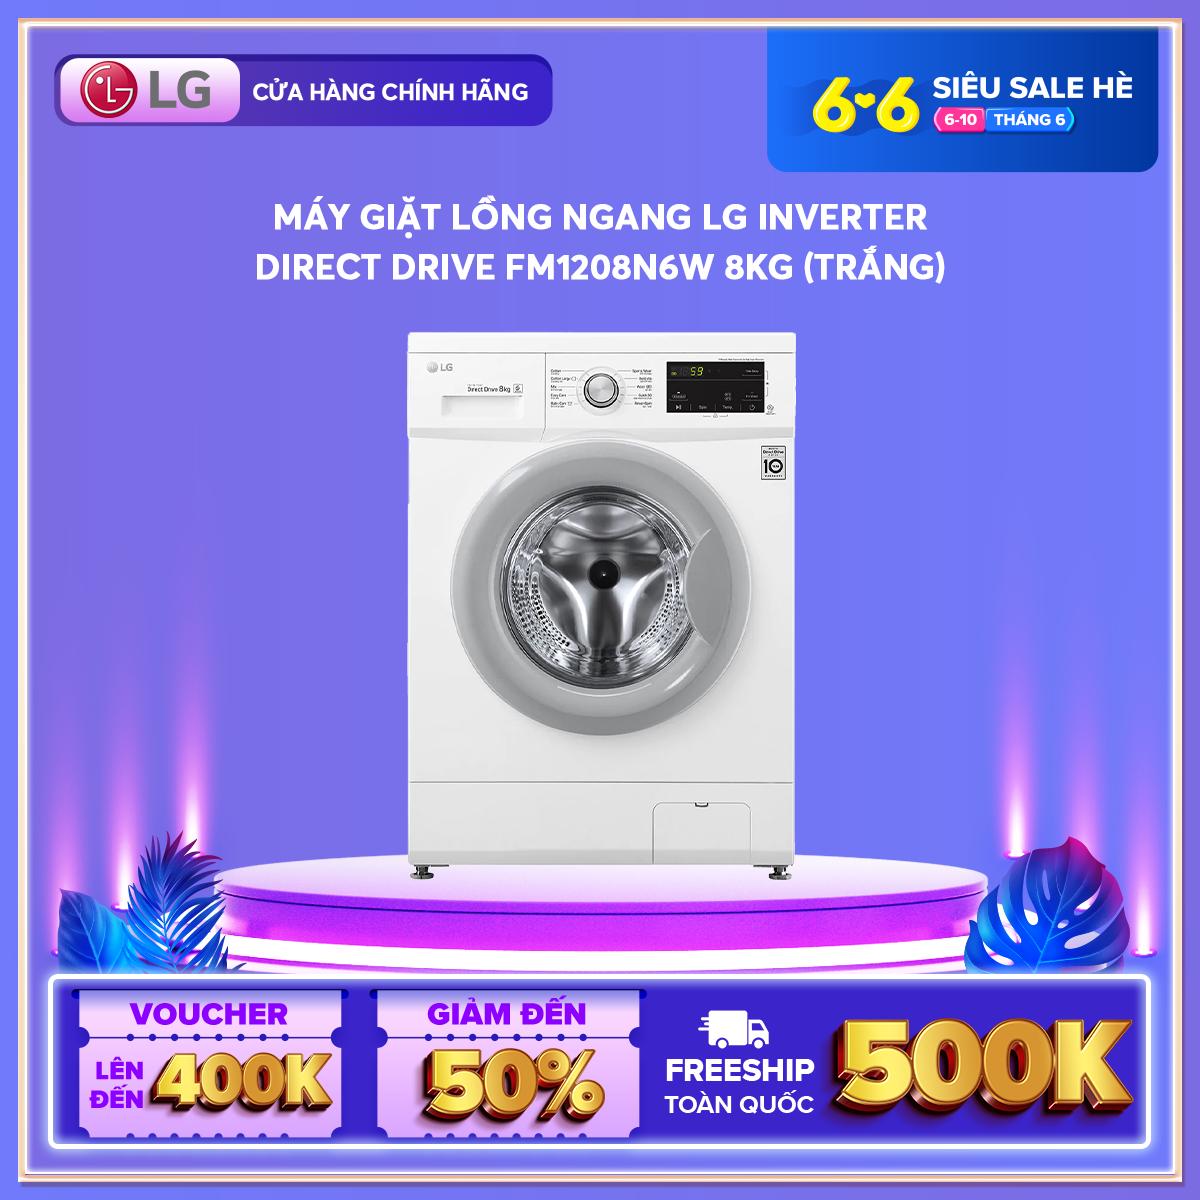 [Trả góp 0%][FREESHIP 500K TOÀN QUỐC] Máy giặt lồng ngang LG Inverter Direct Drive™ FM1208N6W 8kg (Trắng) – Hãng phân phối chính thức